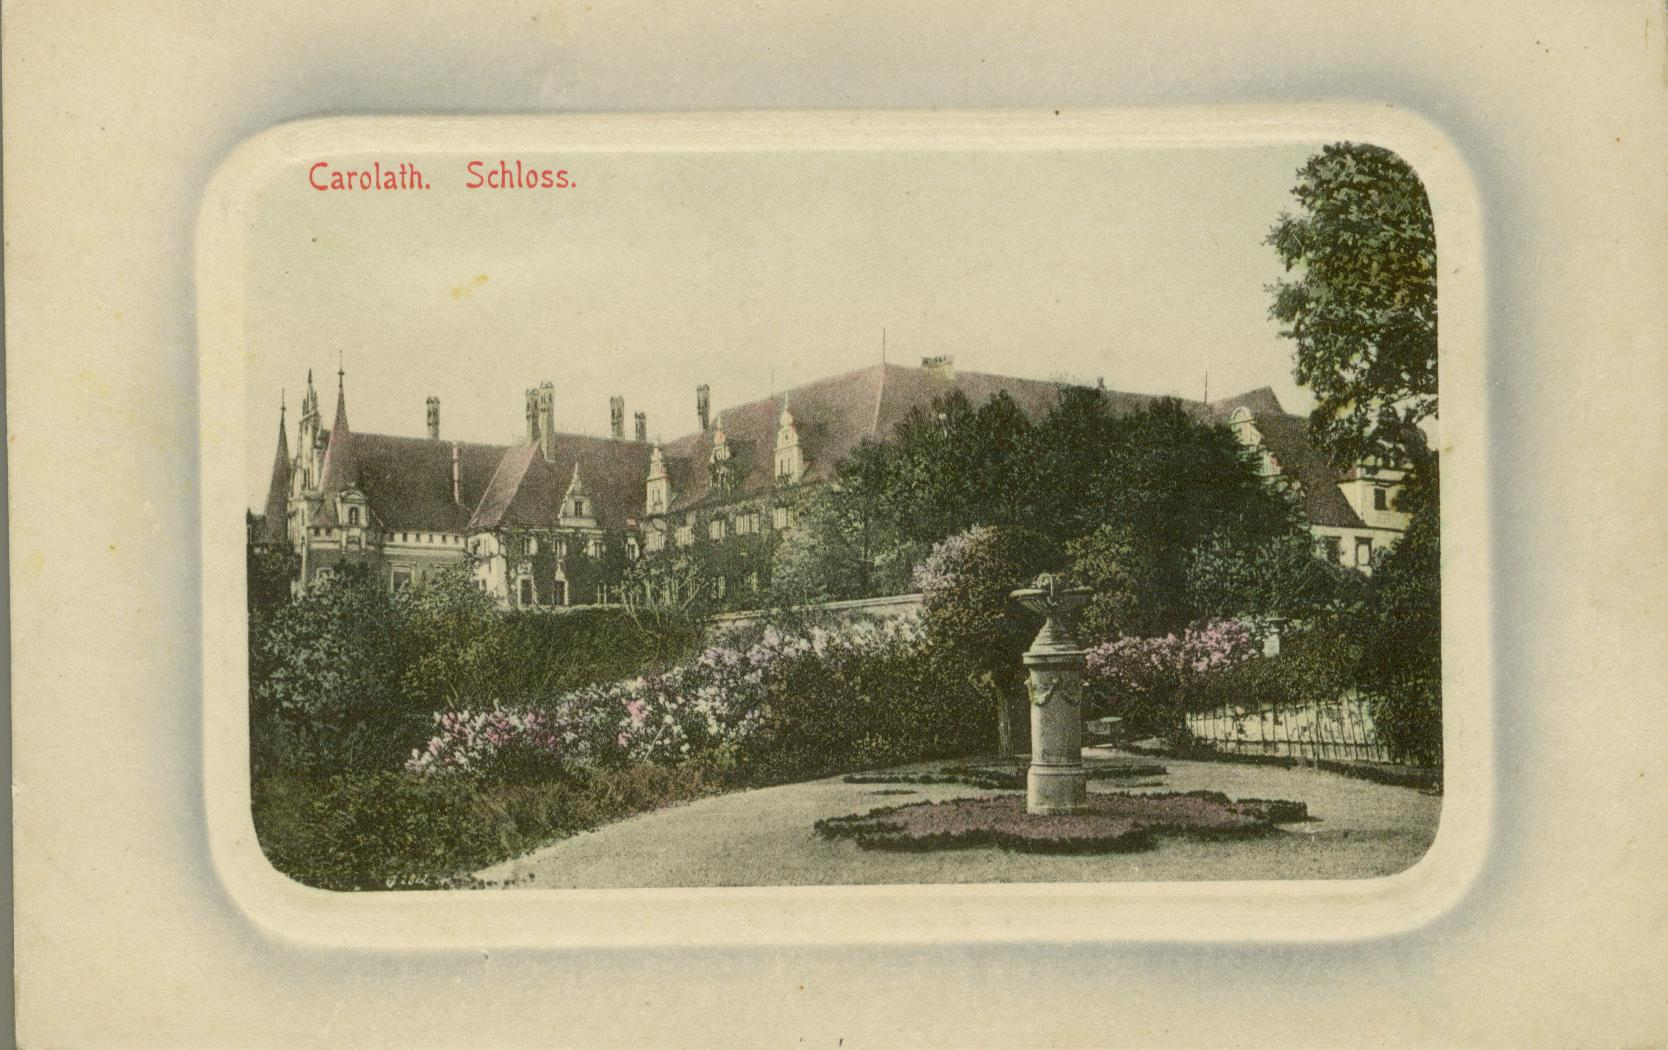 siedlisko-zamek-z-czescia-zalozenia-parkowego